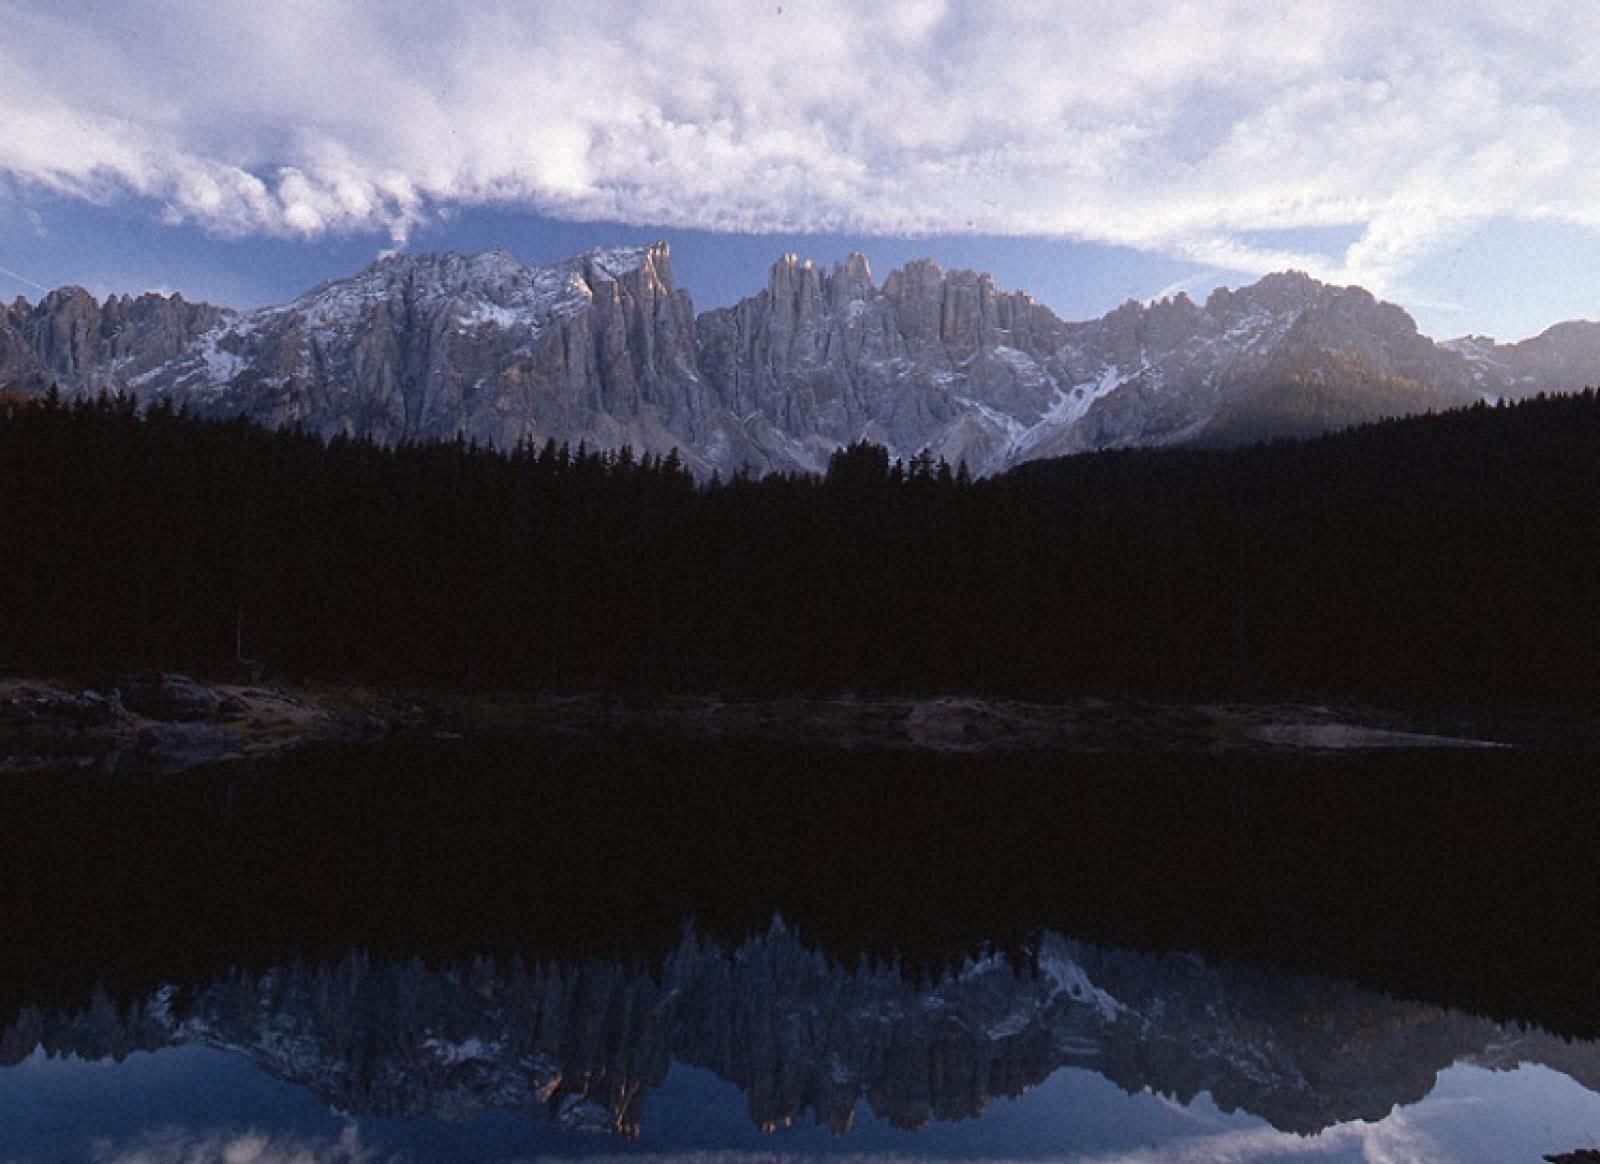 夕暮れ時のラーゴ・ディ・カレッツァと山並み